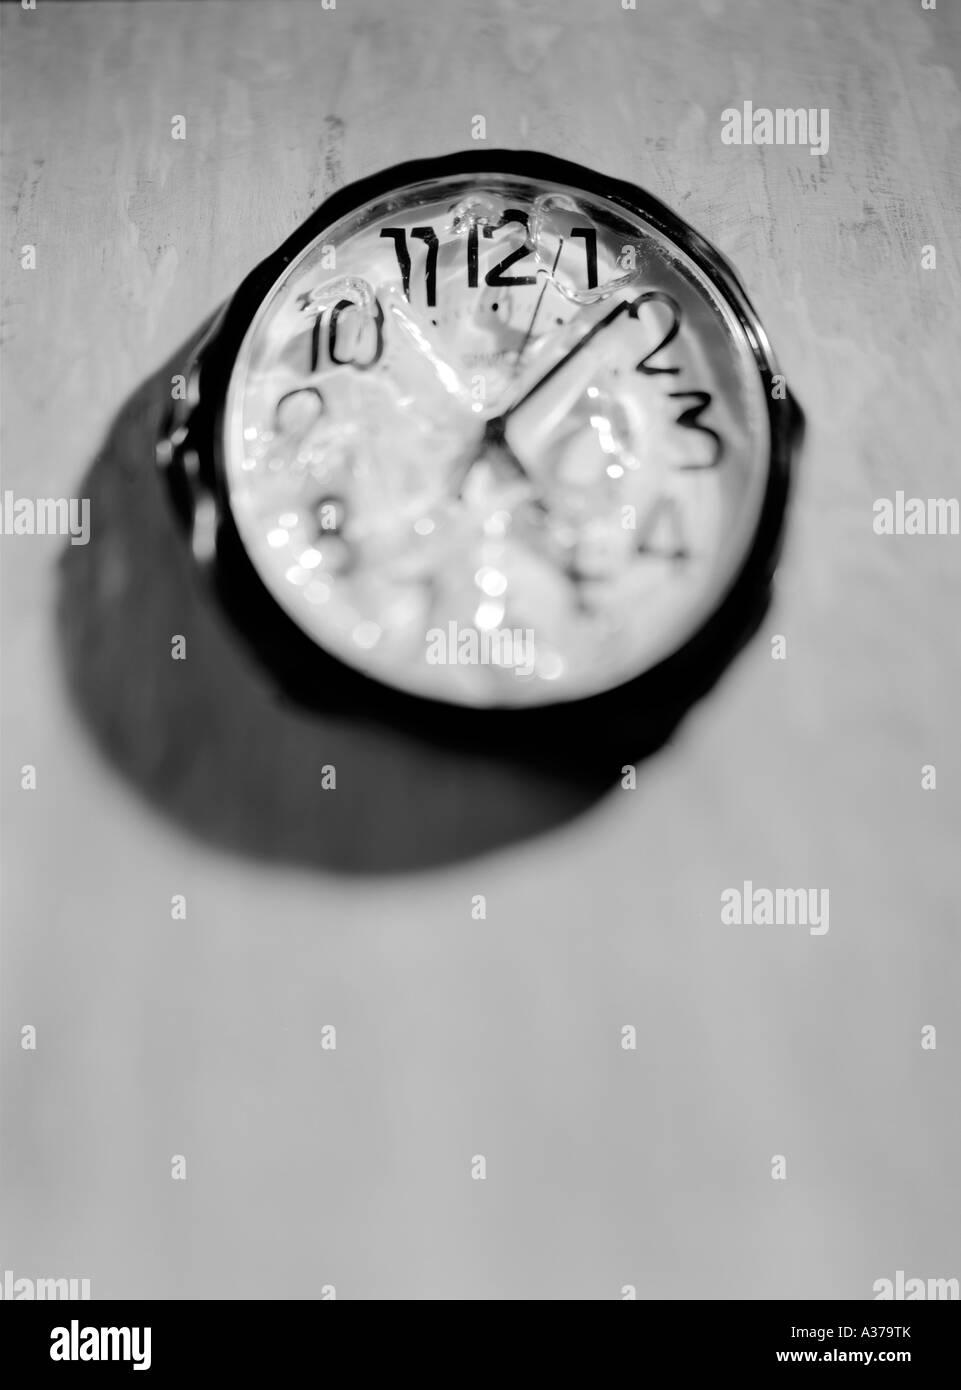 melting time - Stock Image